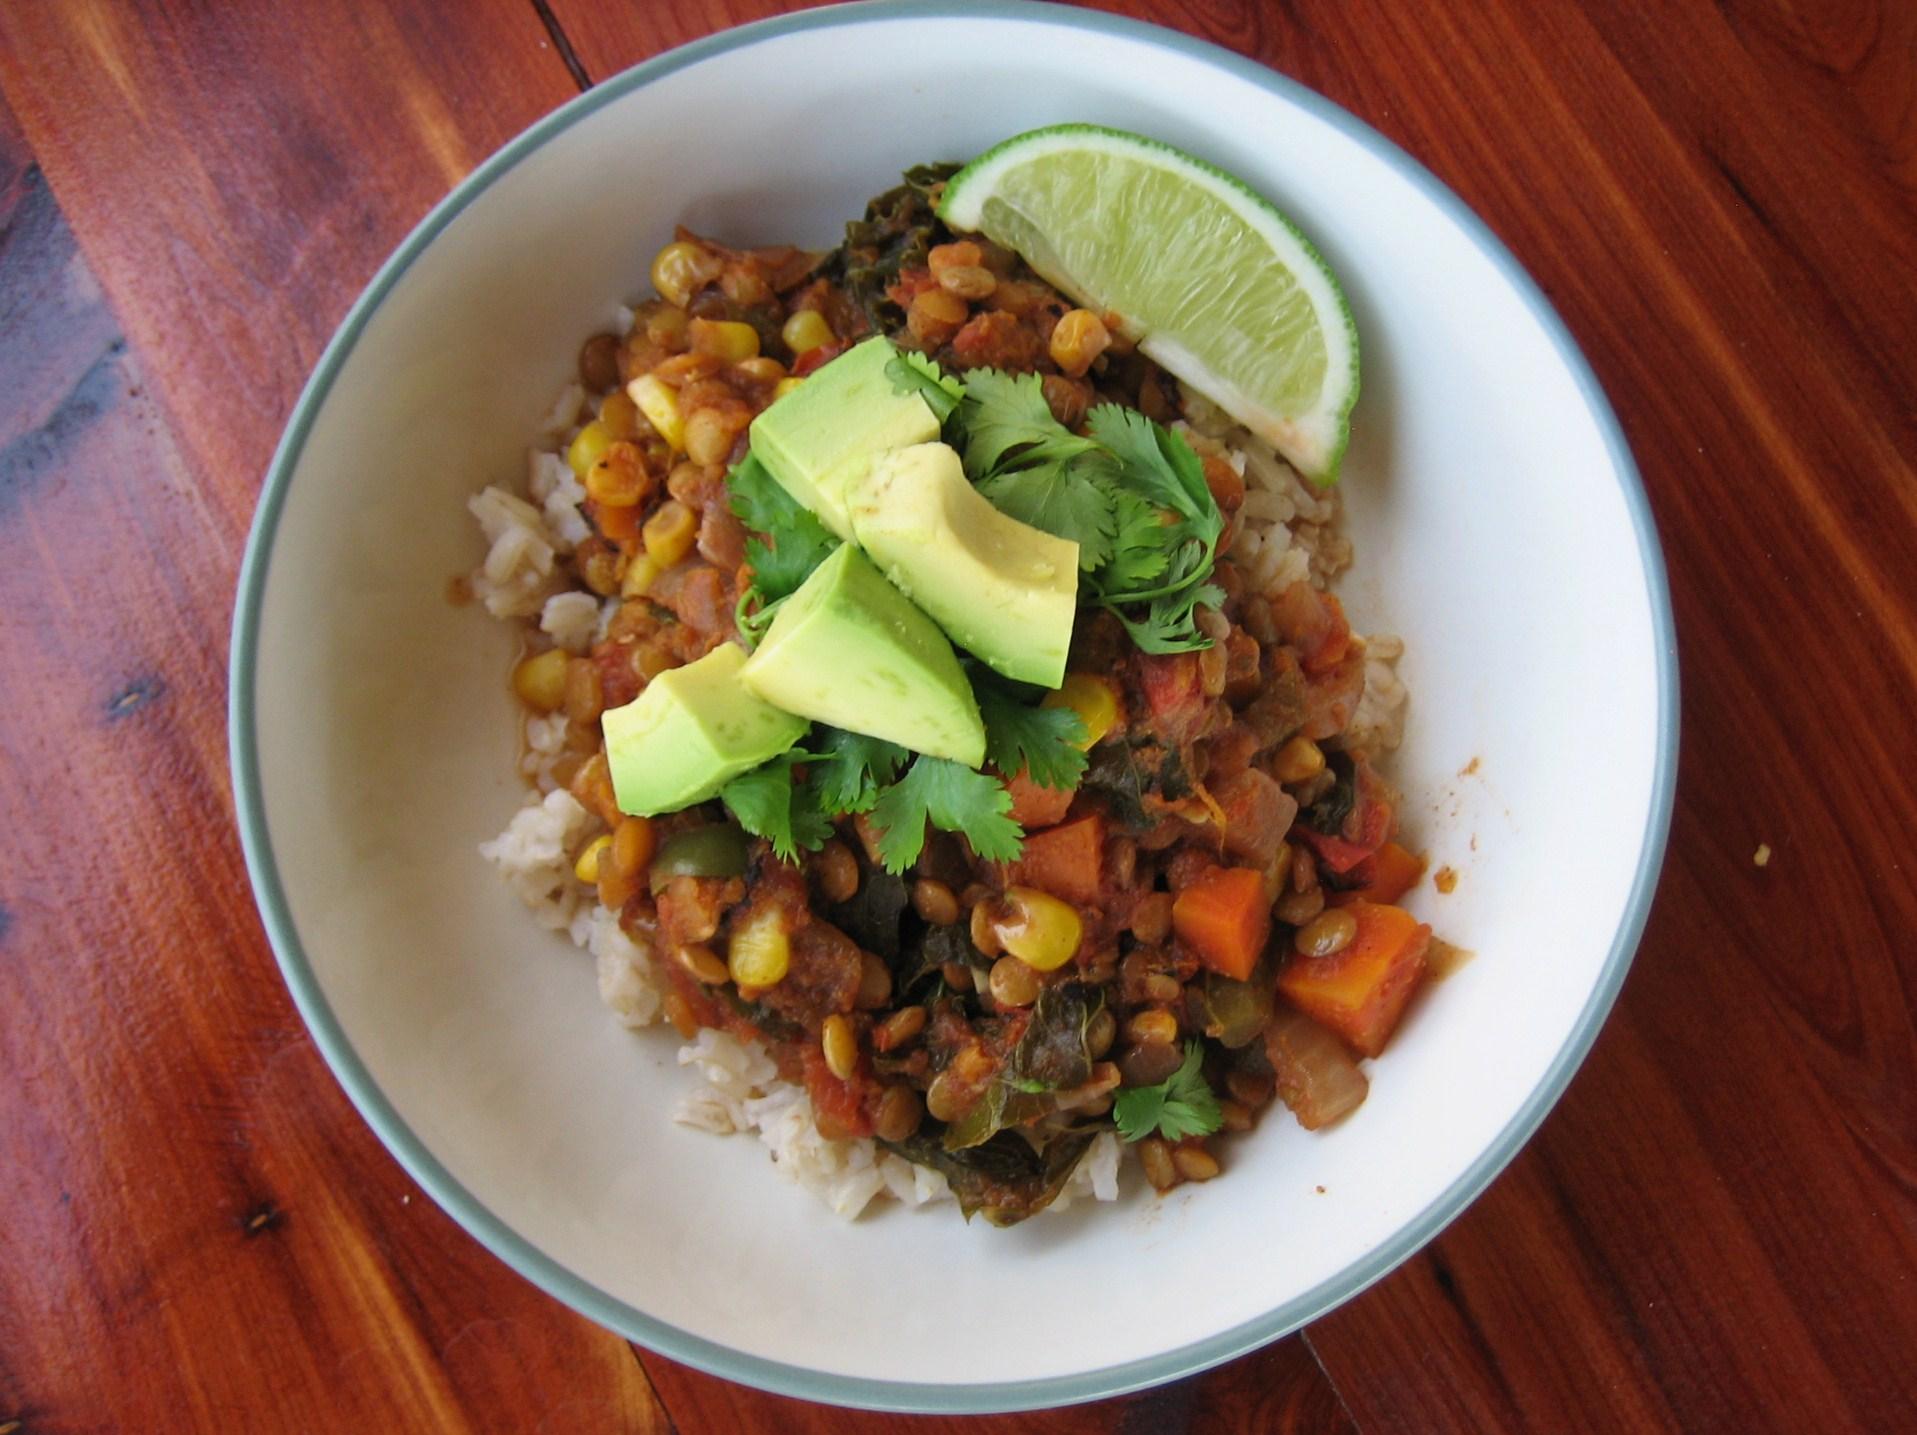 lentil veggie chili lentils soup vegan vegan chili 4 comments